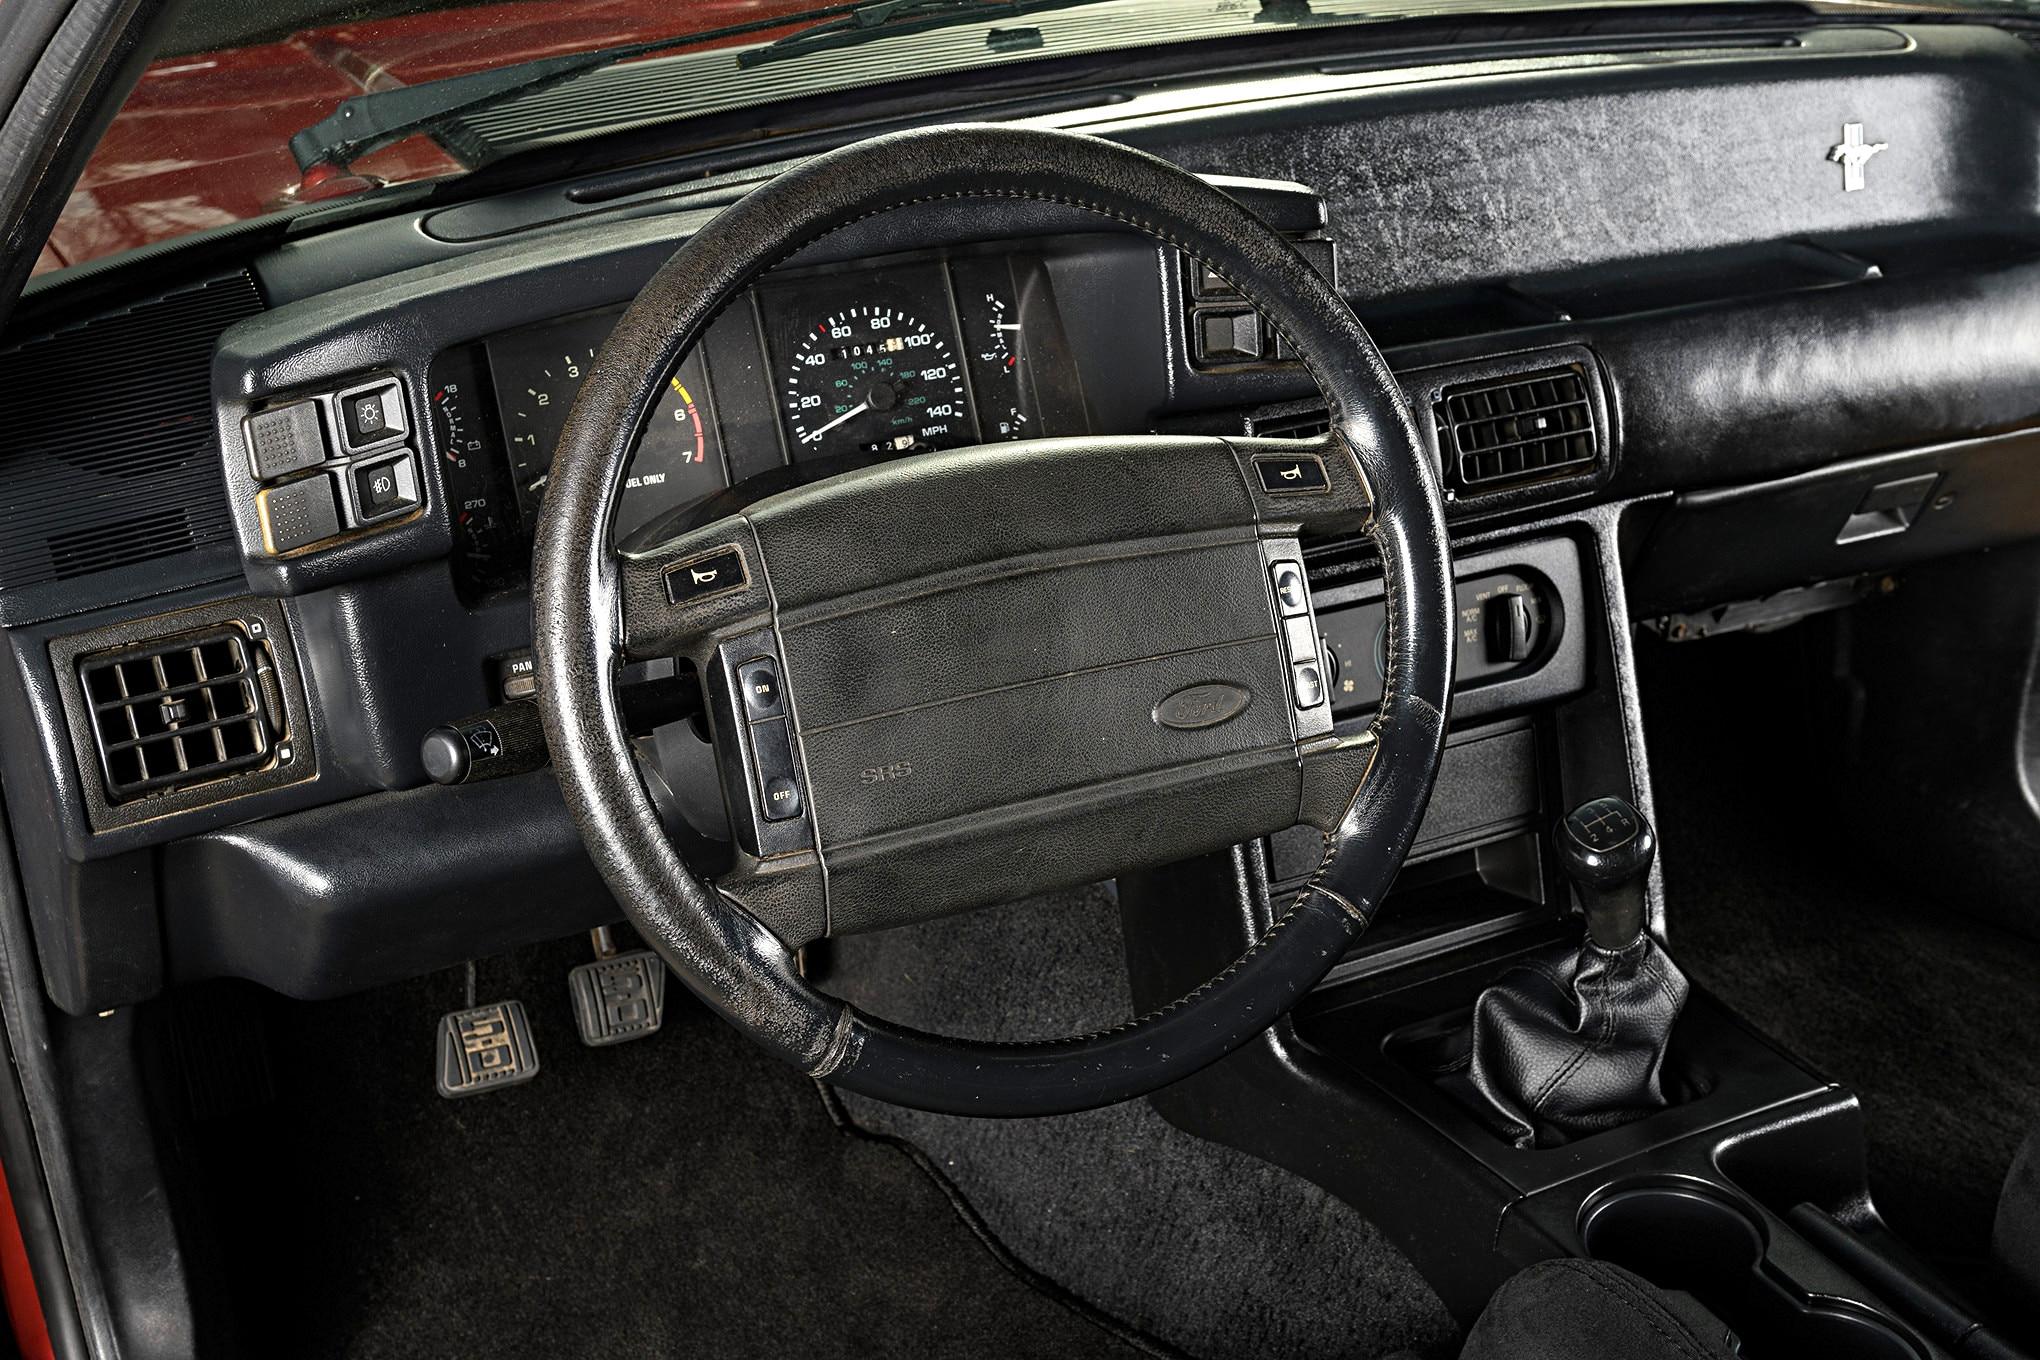 002 Mustang Steering Wheel Worn Out